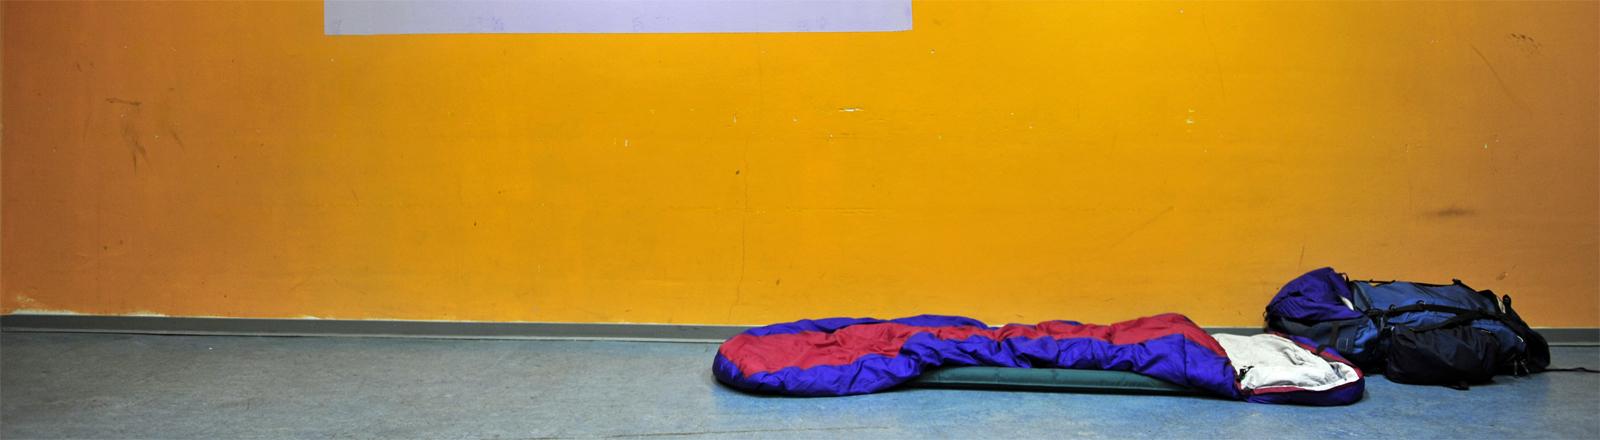 Notschlafstelle für Studenten im Jahr 2011 in Frankfurt am Main